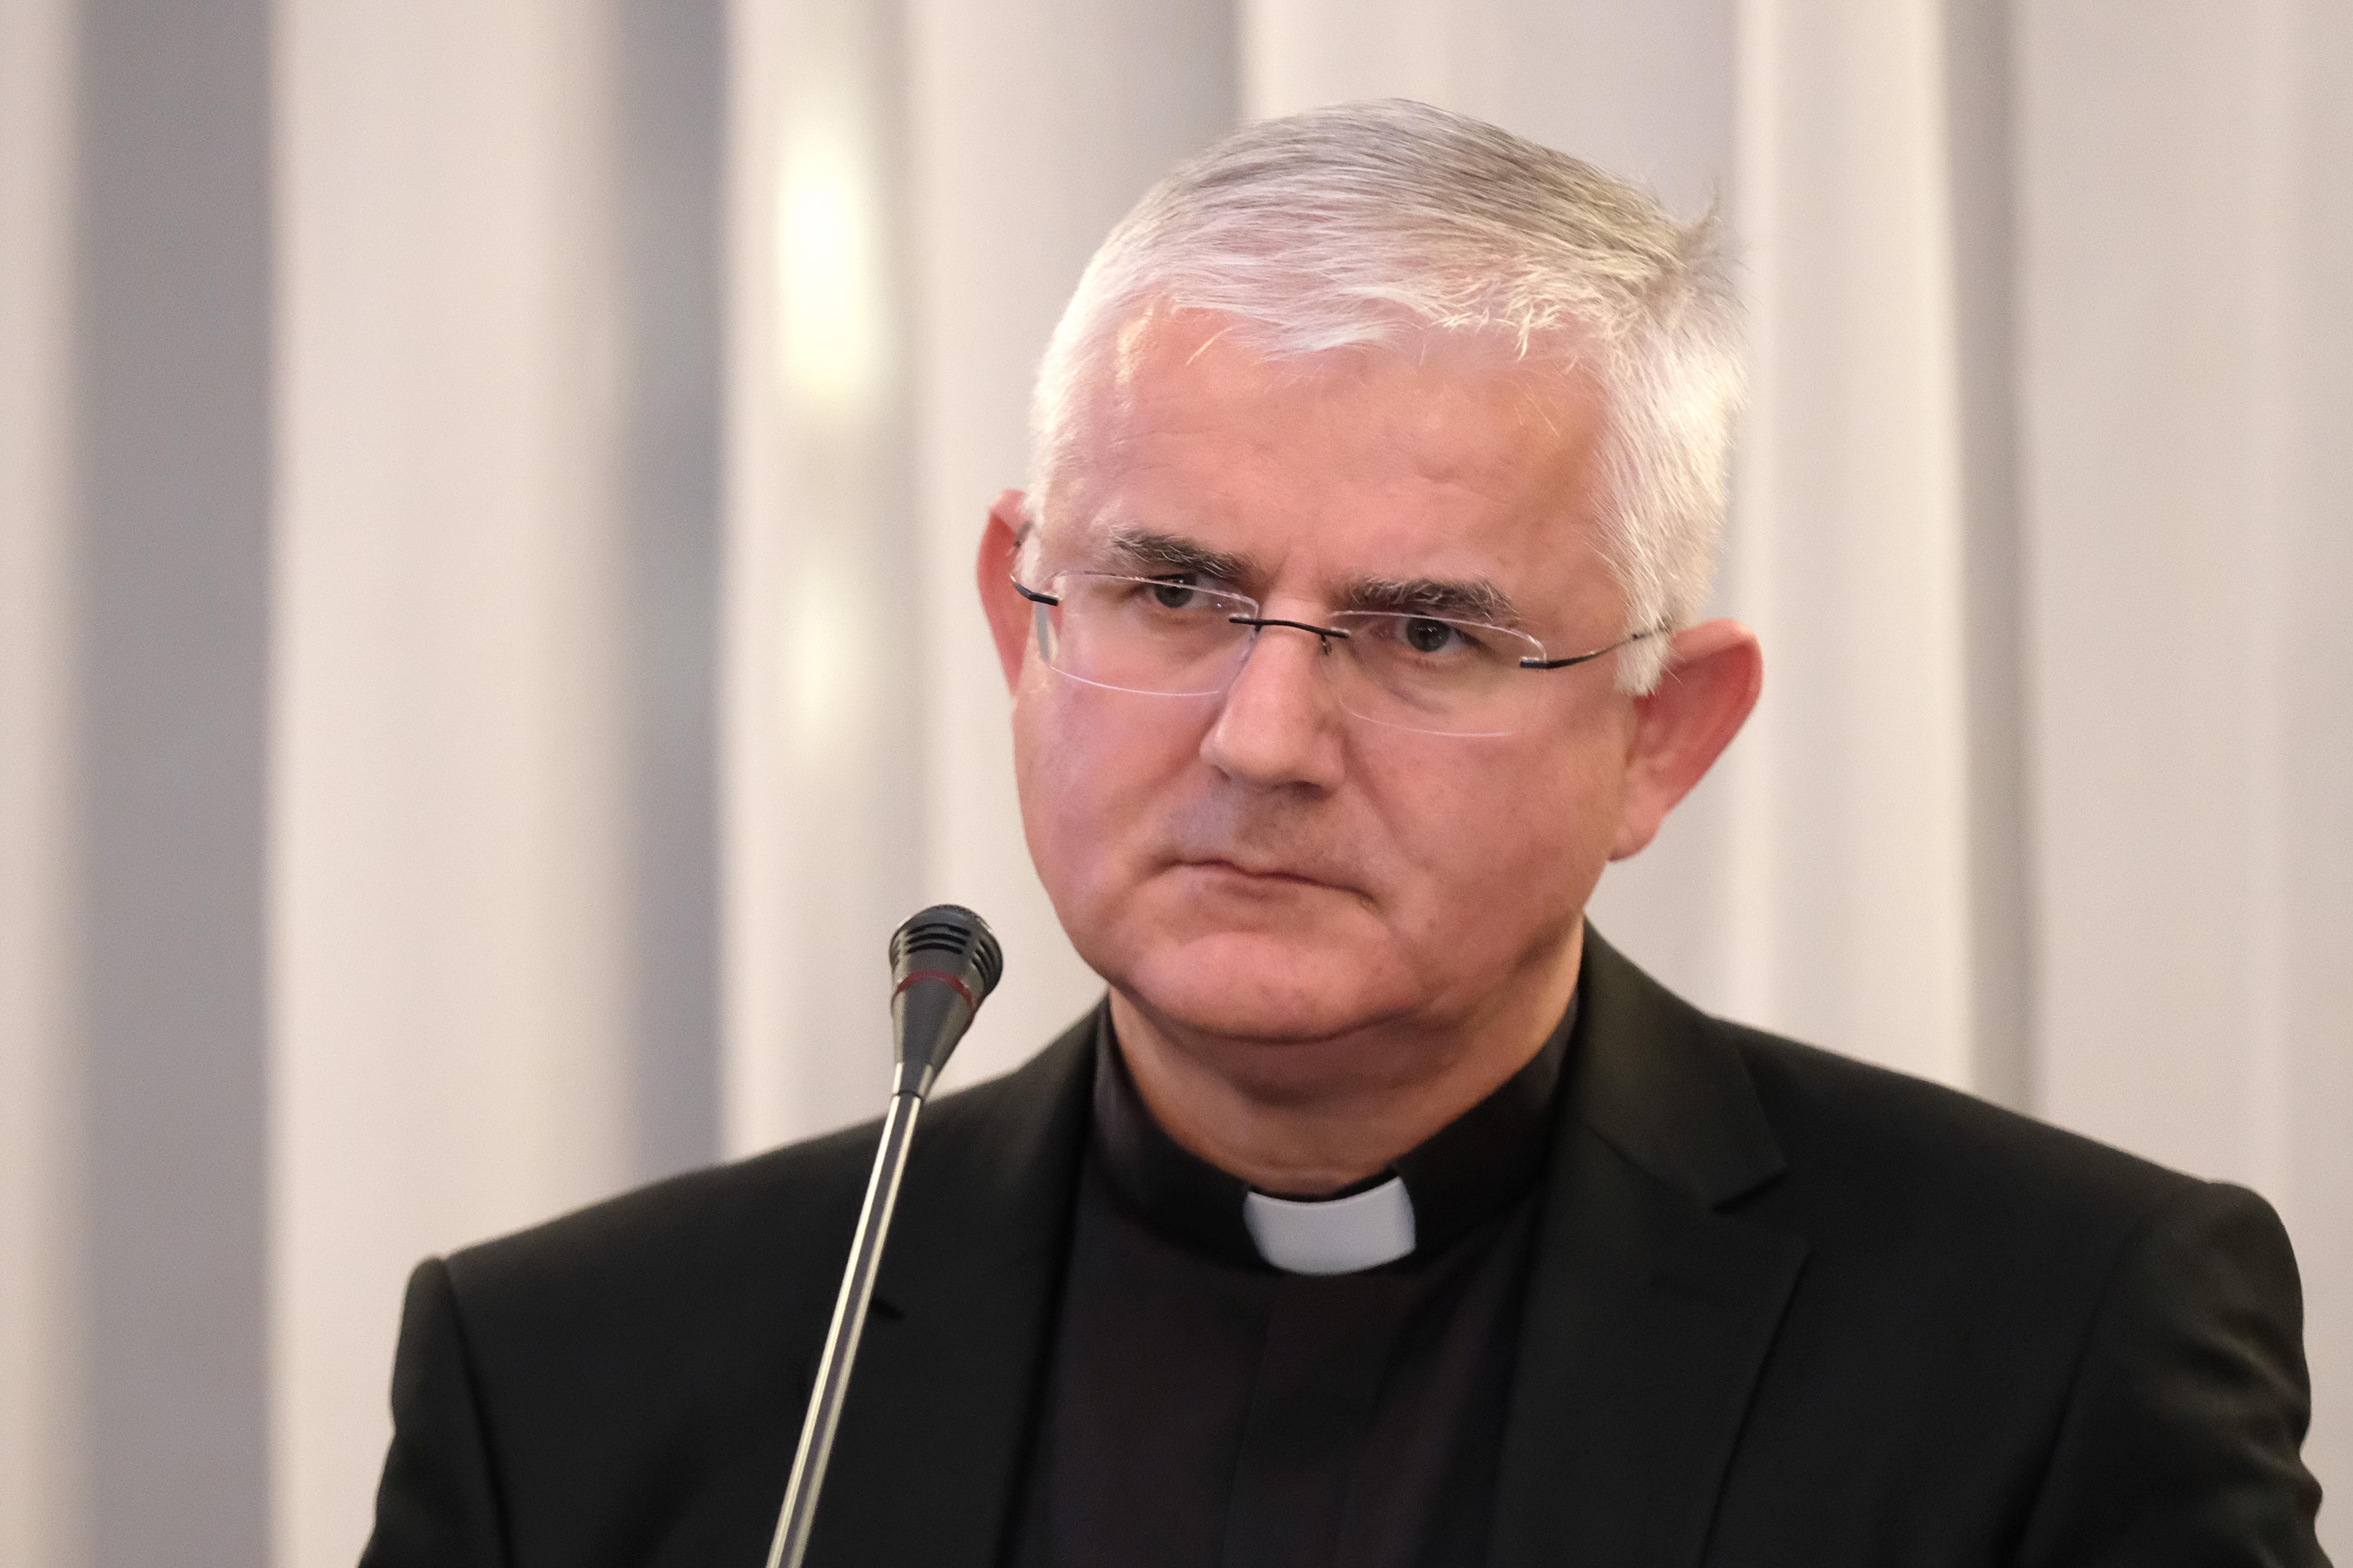 UZINIĆ 'HBK podupire Hrvate katolike u ostvarenju jednakopravnosti u BiH'